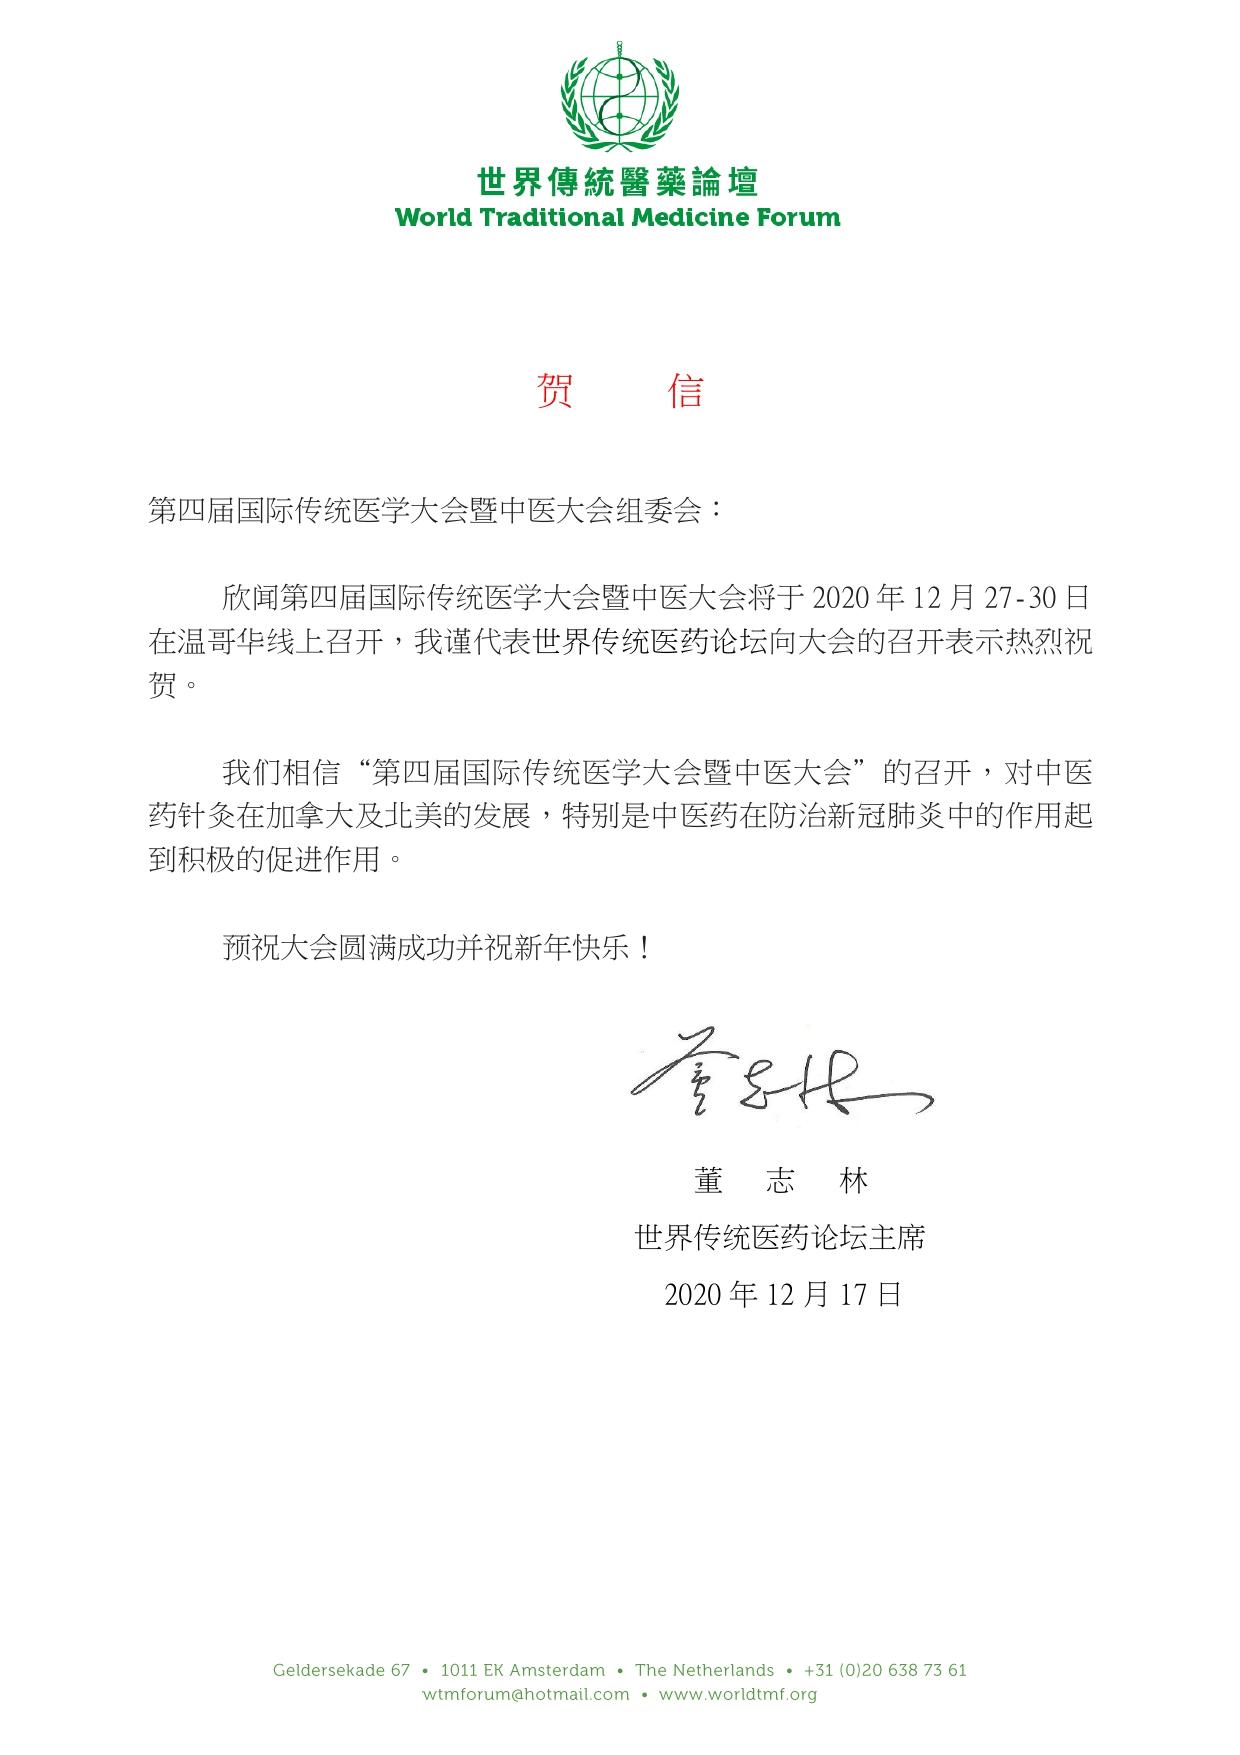 世界传统医药论坛董志林贺信